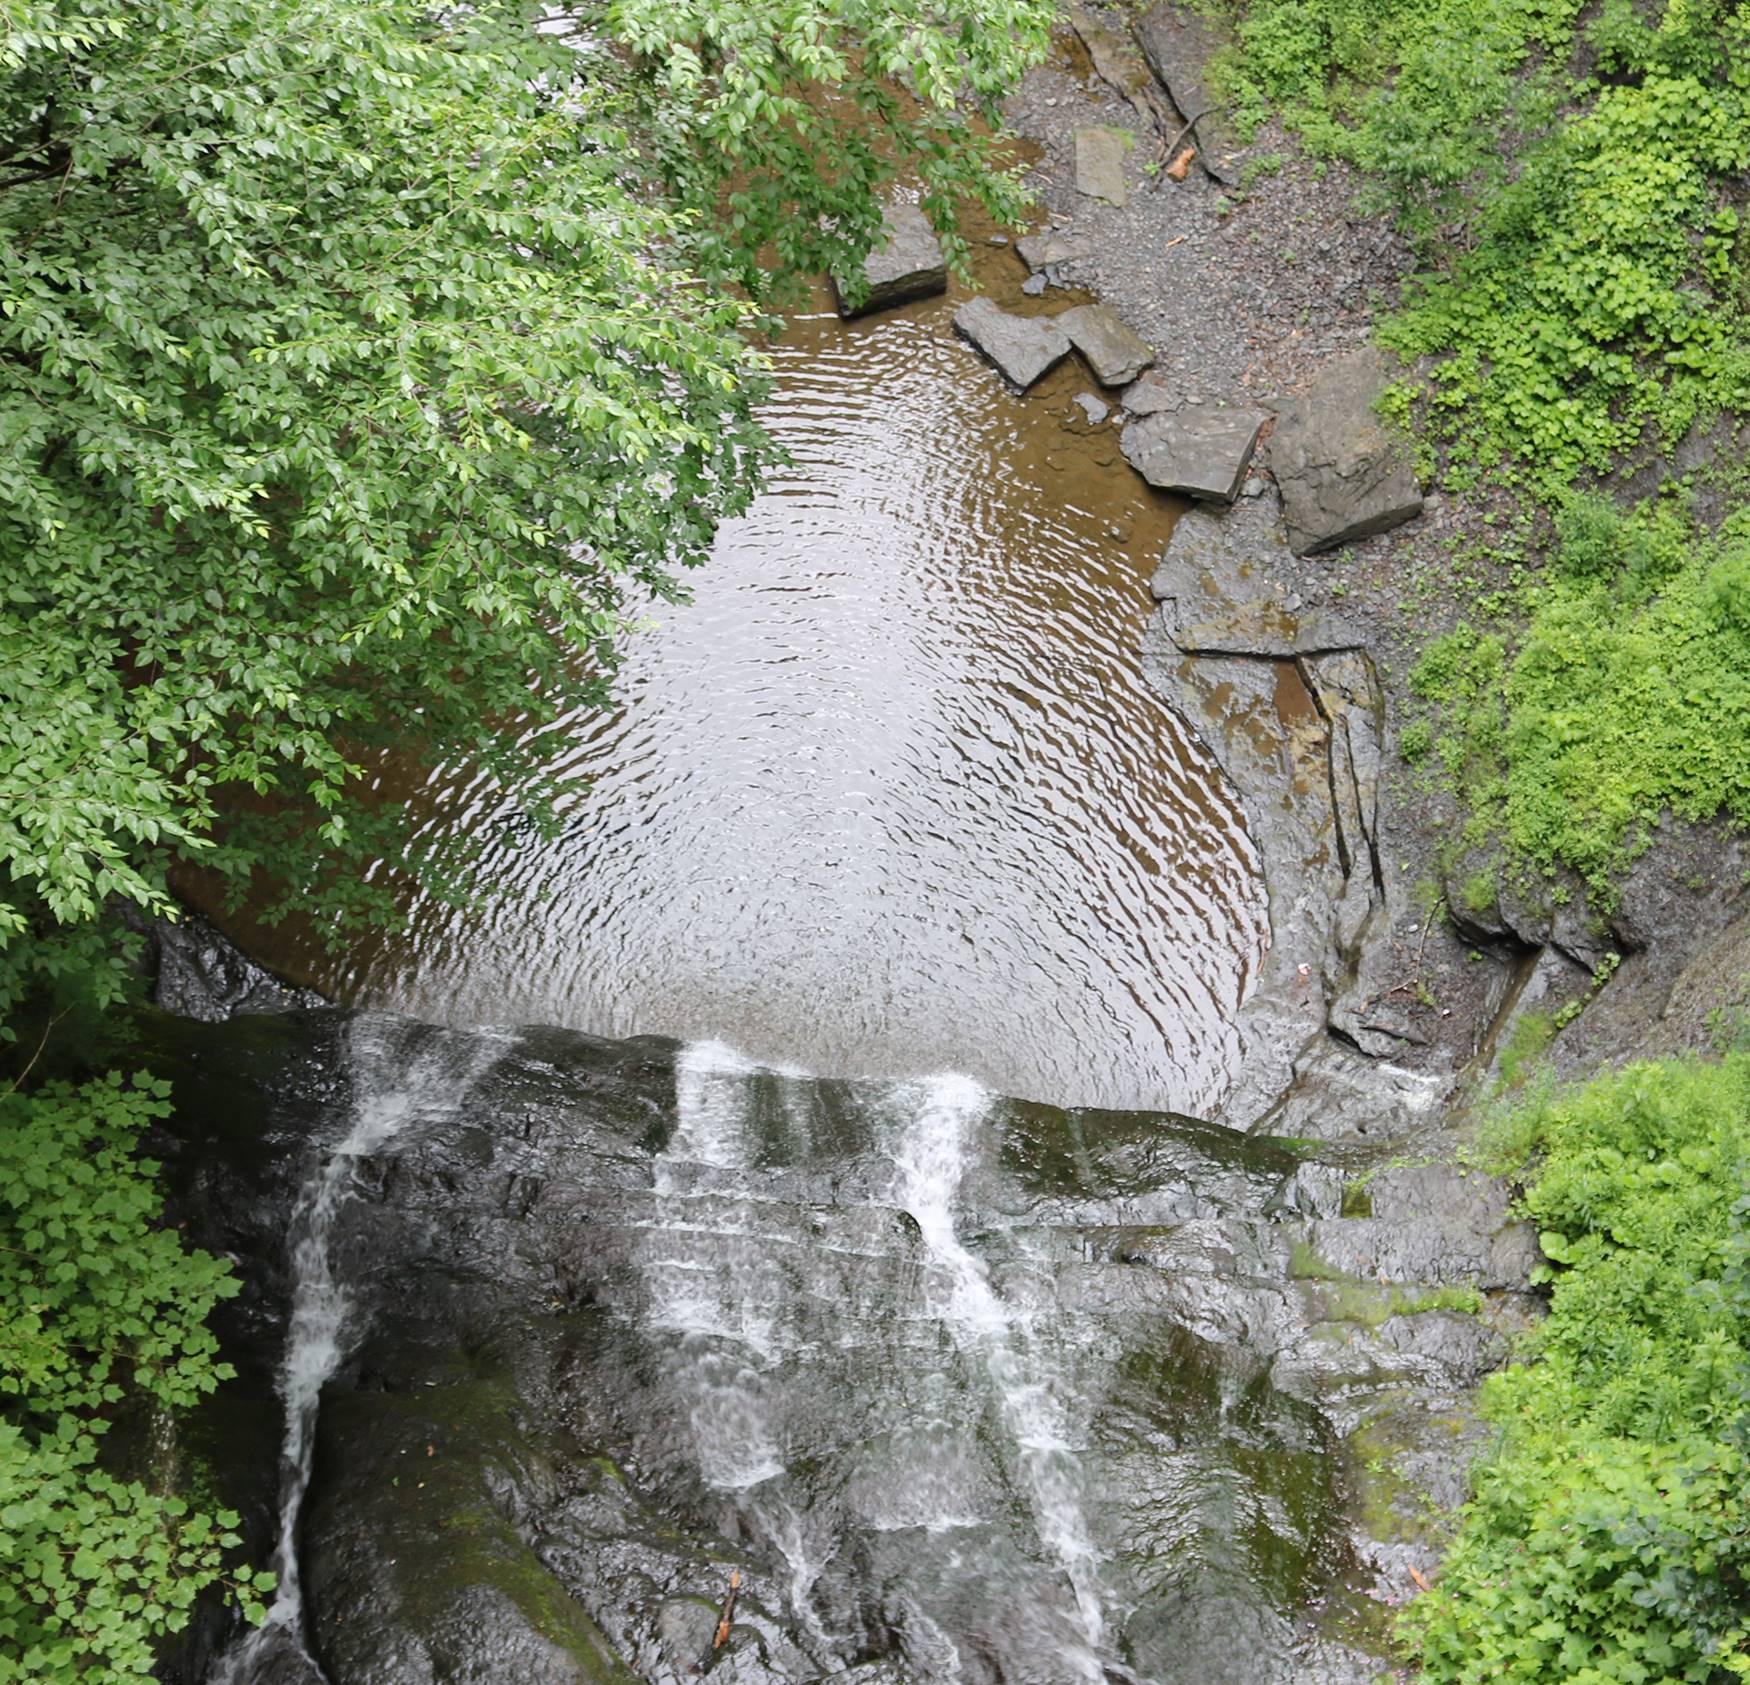 Rexford Falls view